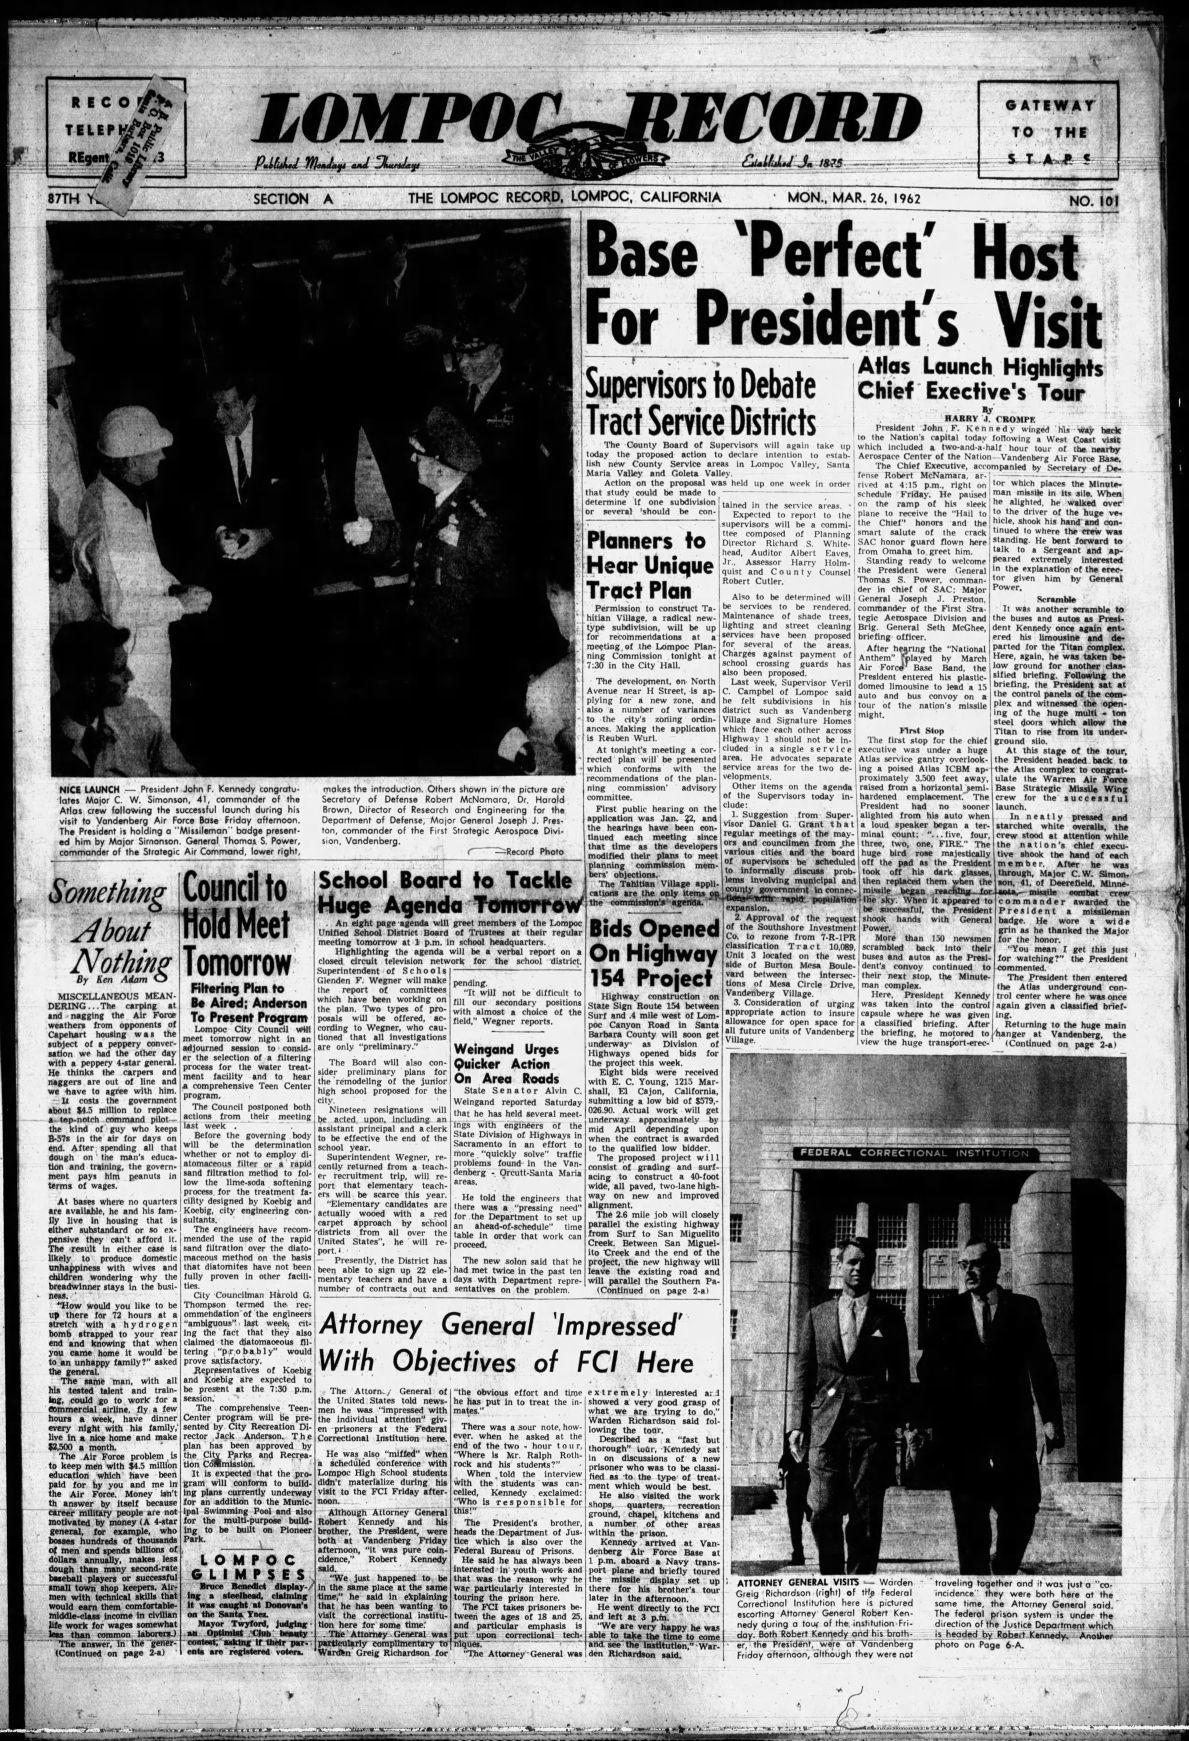 JFK at VAFB